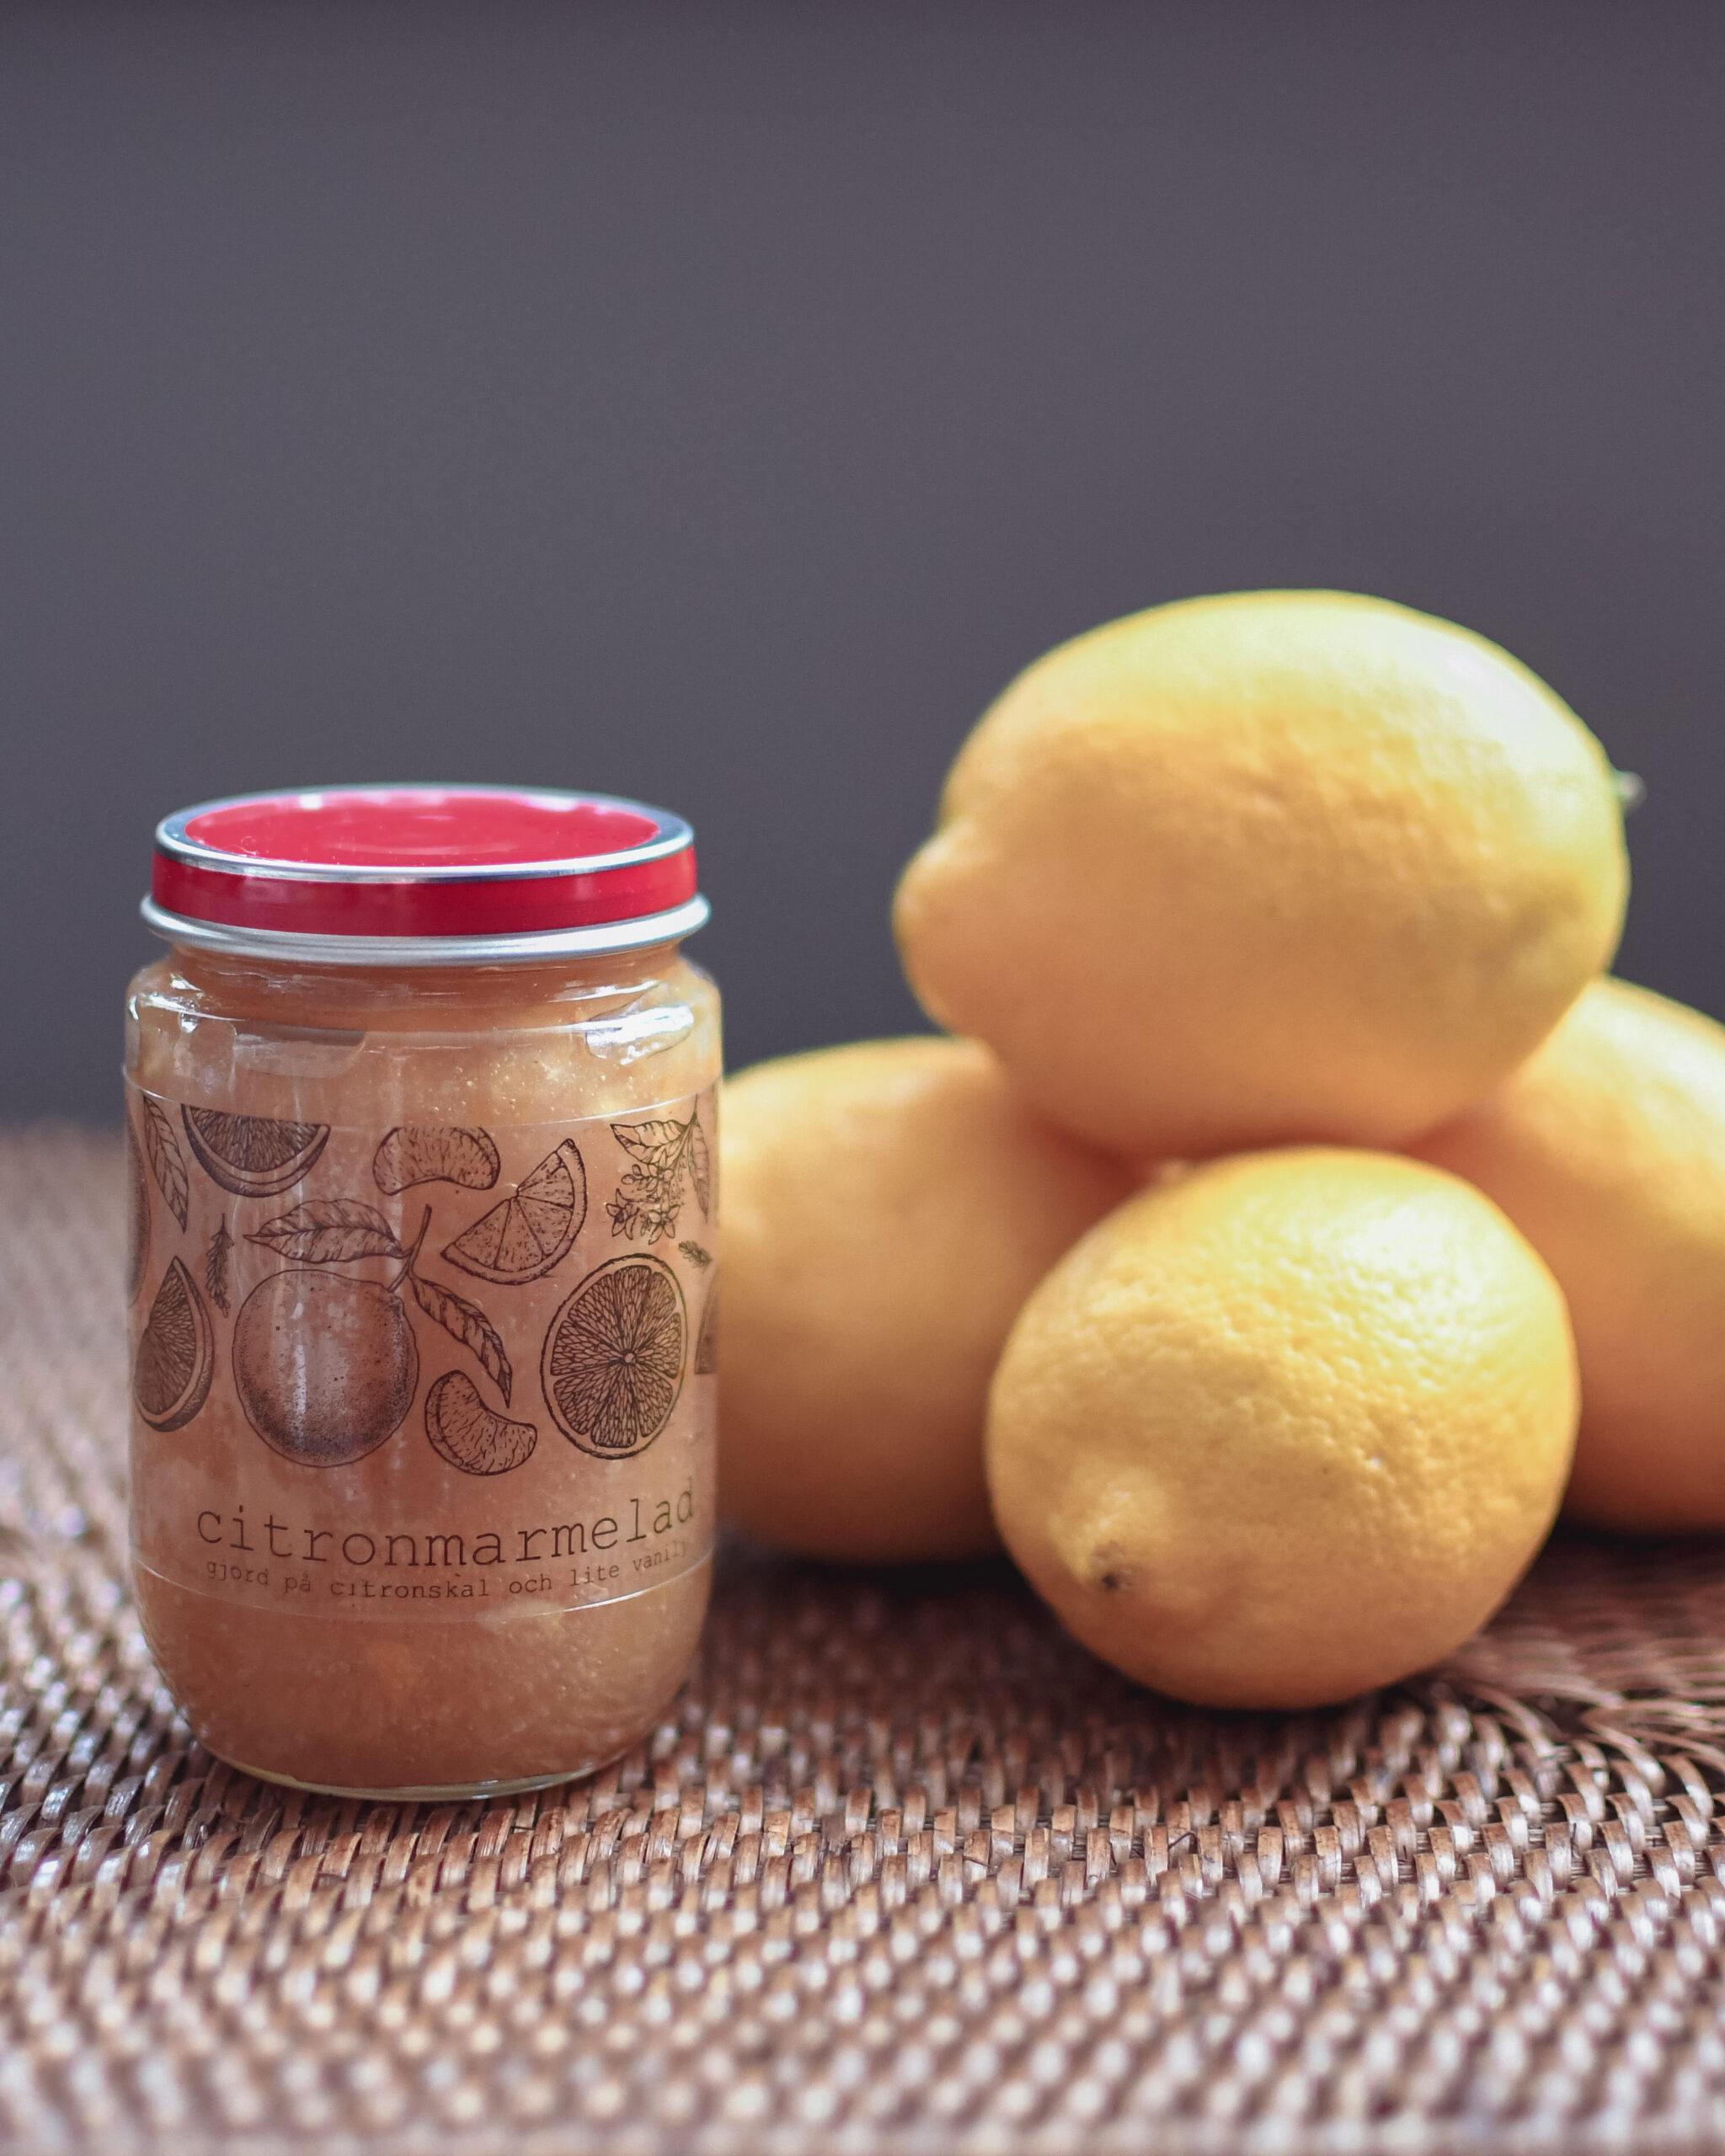 en burk citronmarmelad på citronskal